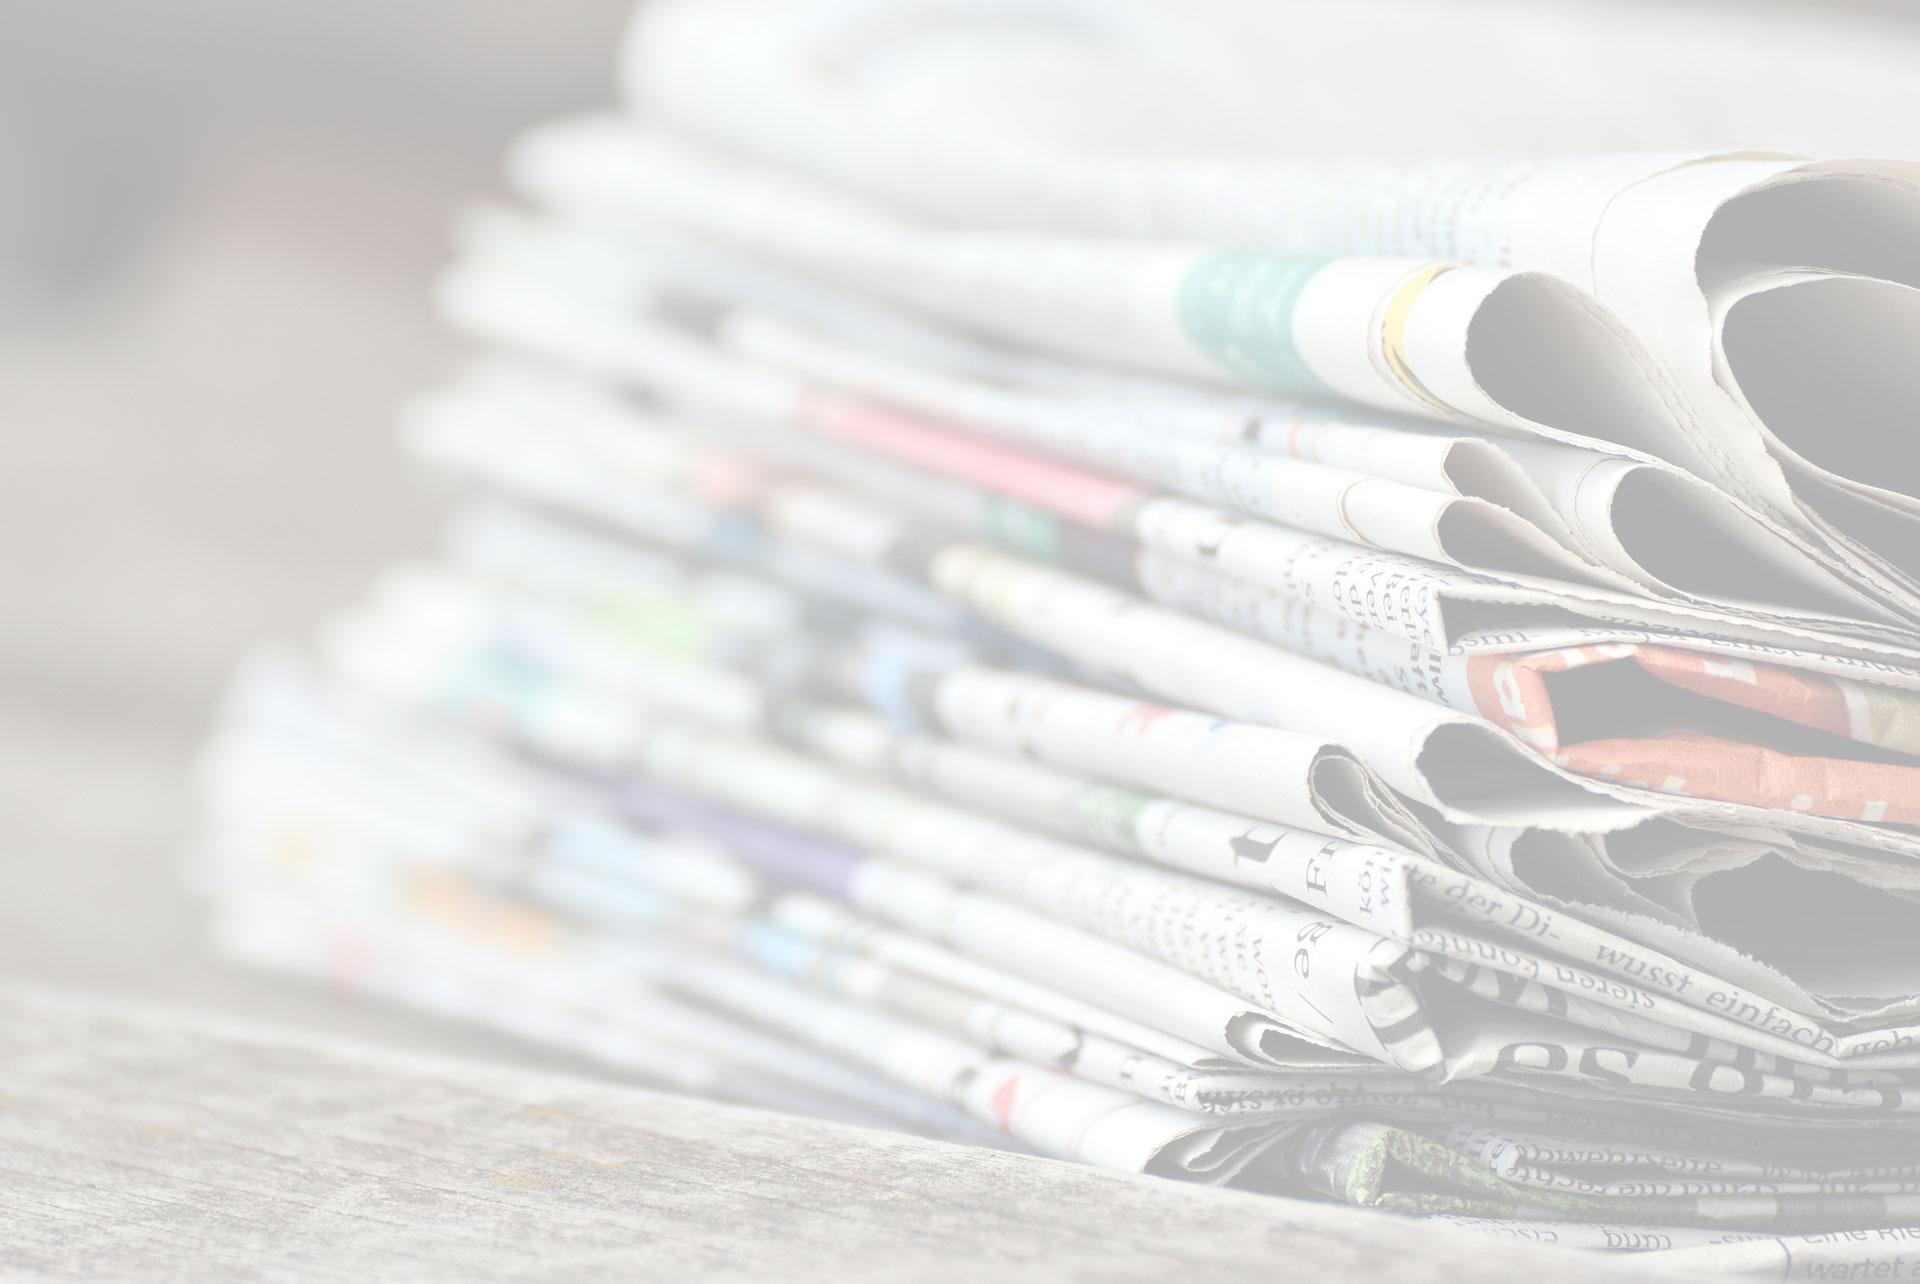 Archivio siti web Google